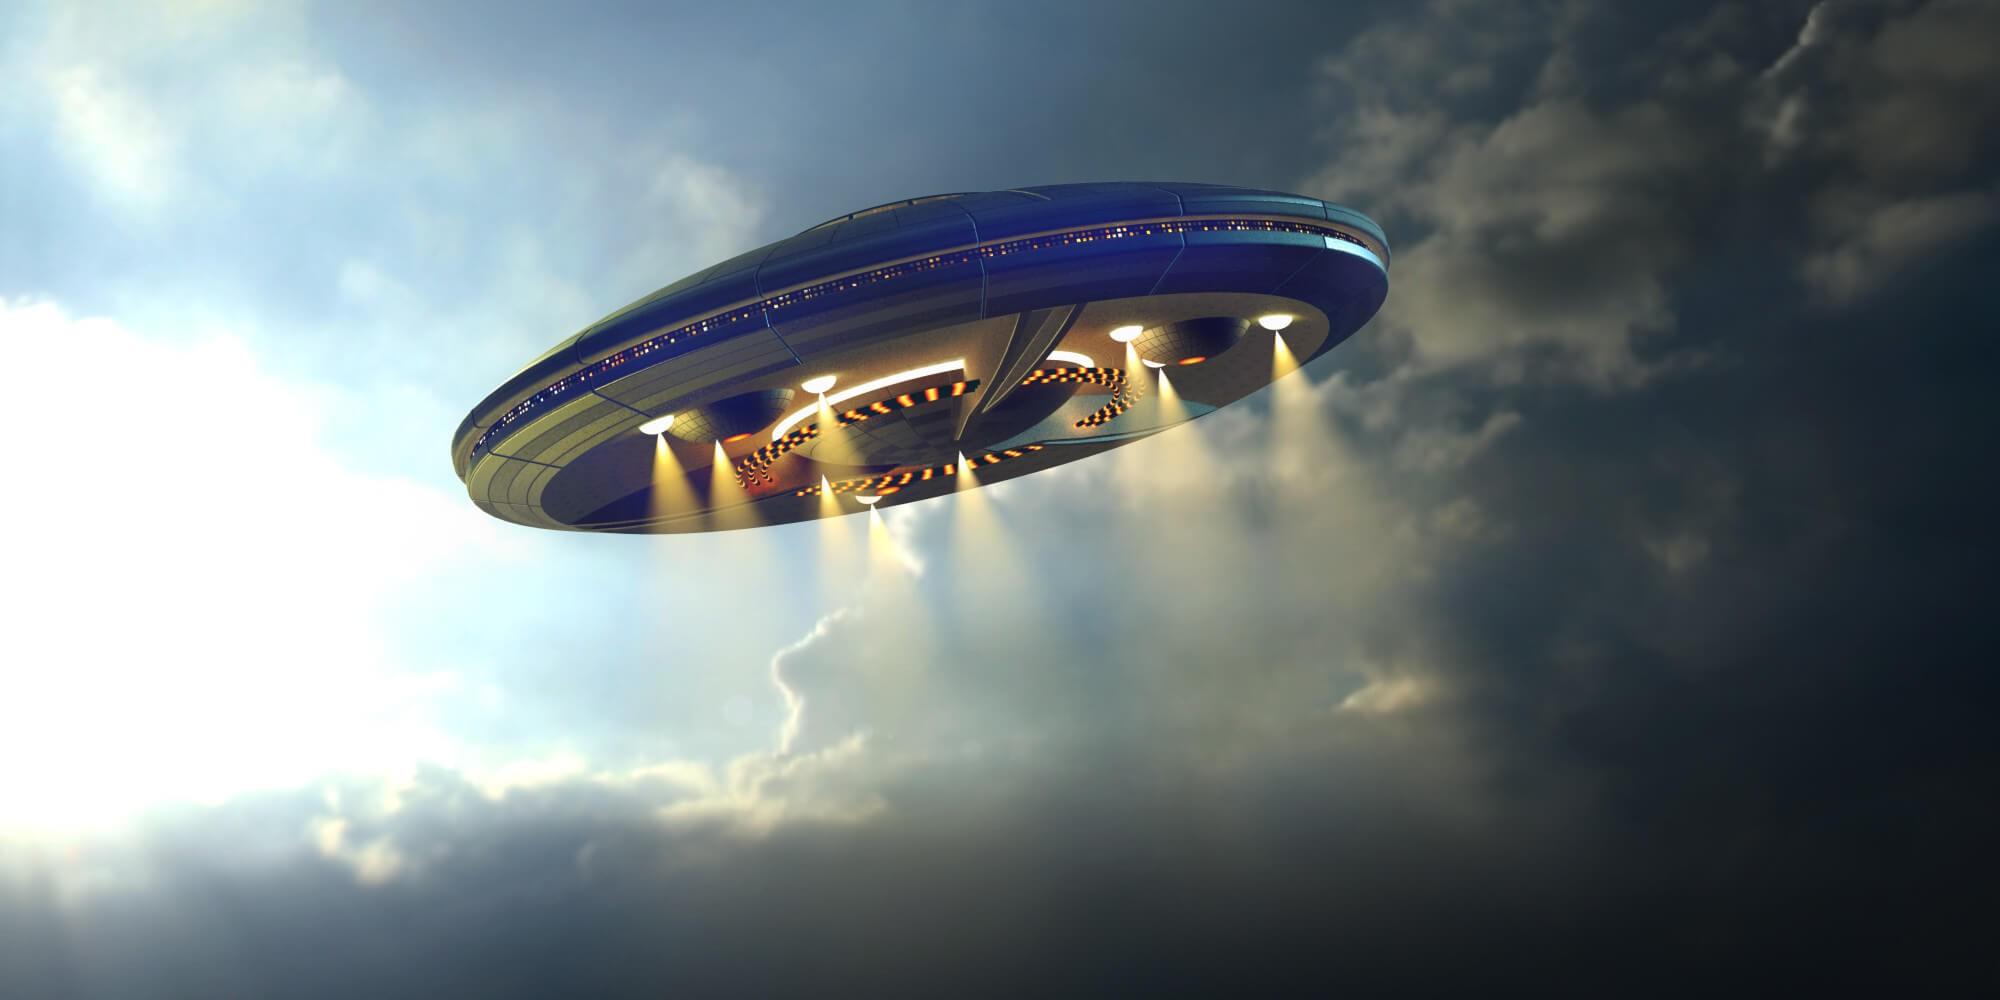 ВНовосибирске задетьми наблюдал агрессивный НЛО ввиде огненного шара